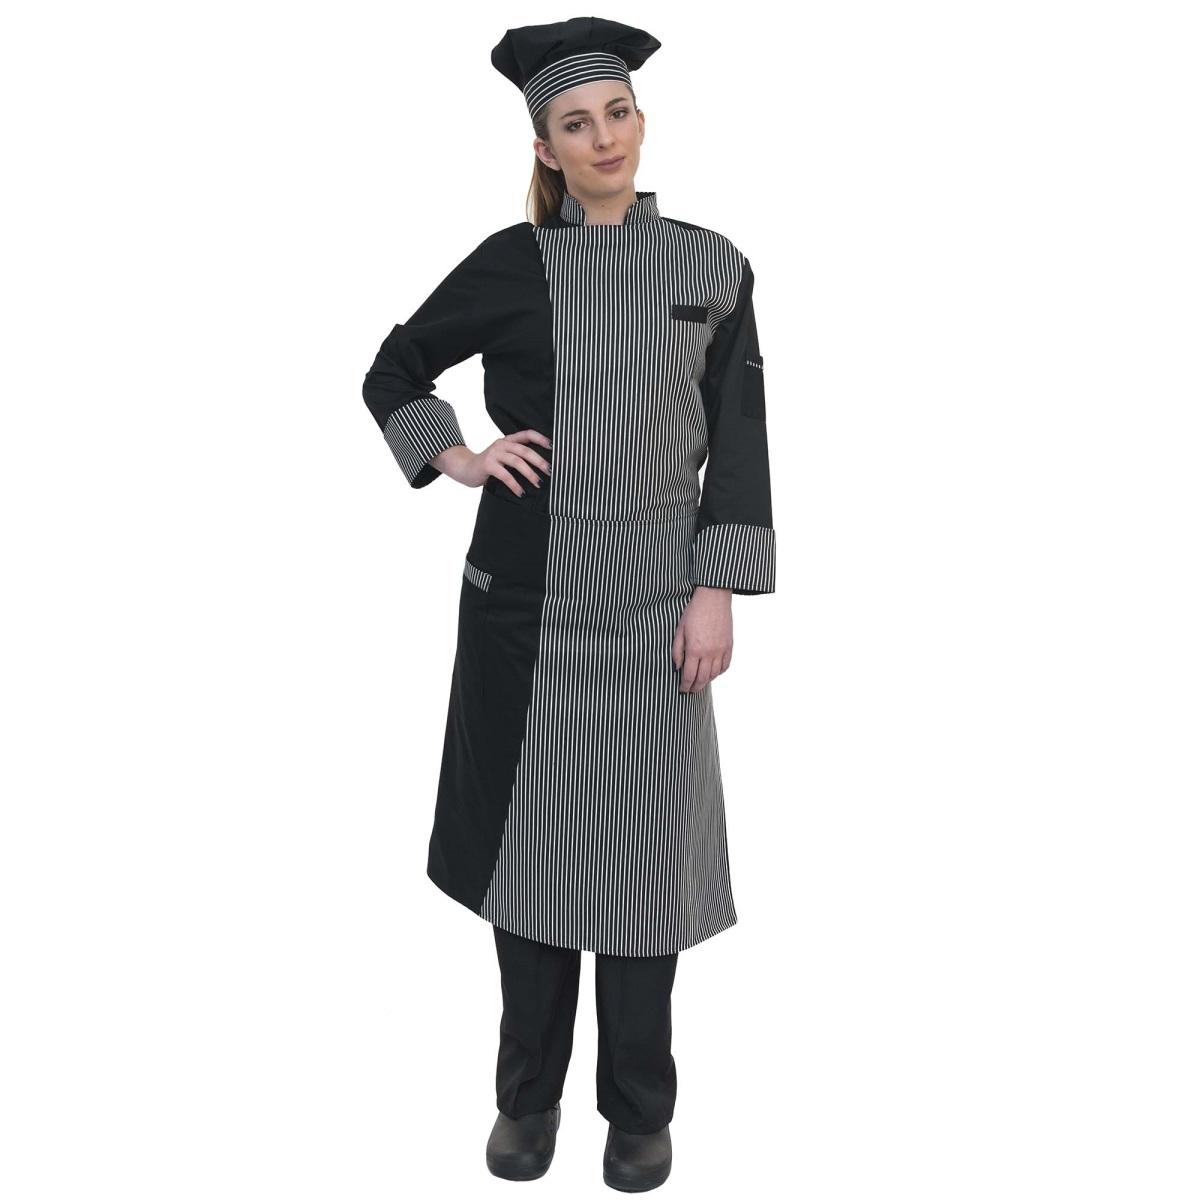 μπλουζα μαγειρα γυνακεια